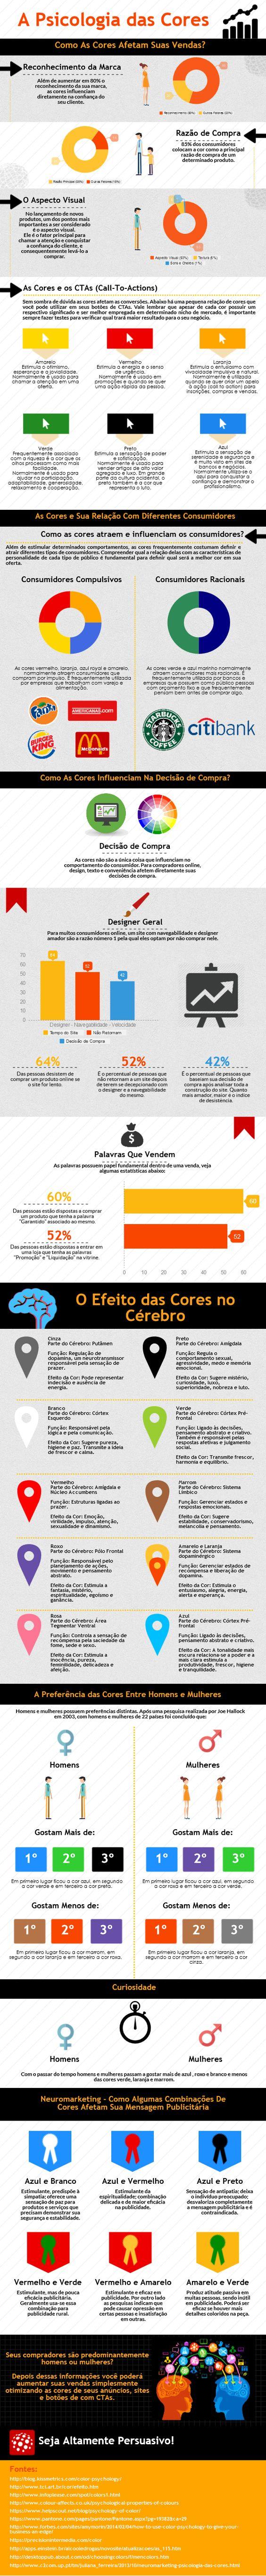 Infográfico A Psicologia das Cores e o Significado das Cores Como elas afentam suas vendas [Infográfico] A Psicologia das Cores No Marketing...: